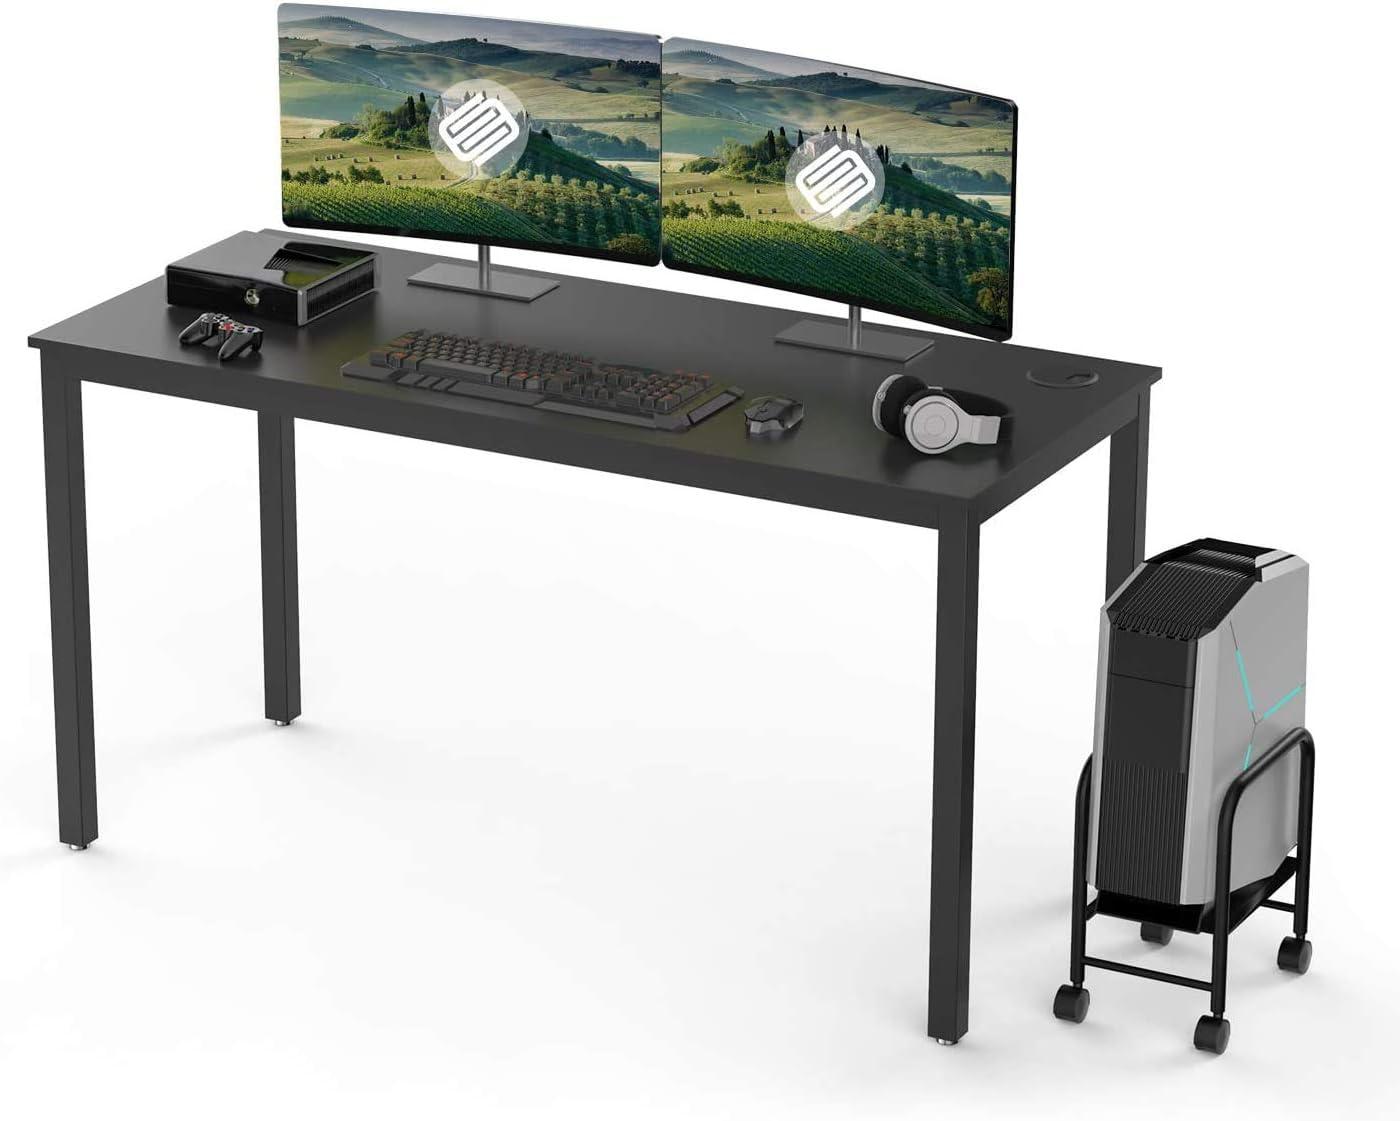 Eureka Ergonomic 55 inch Computer Desk